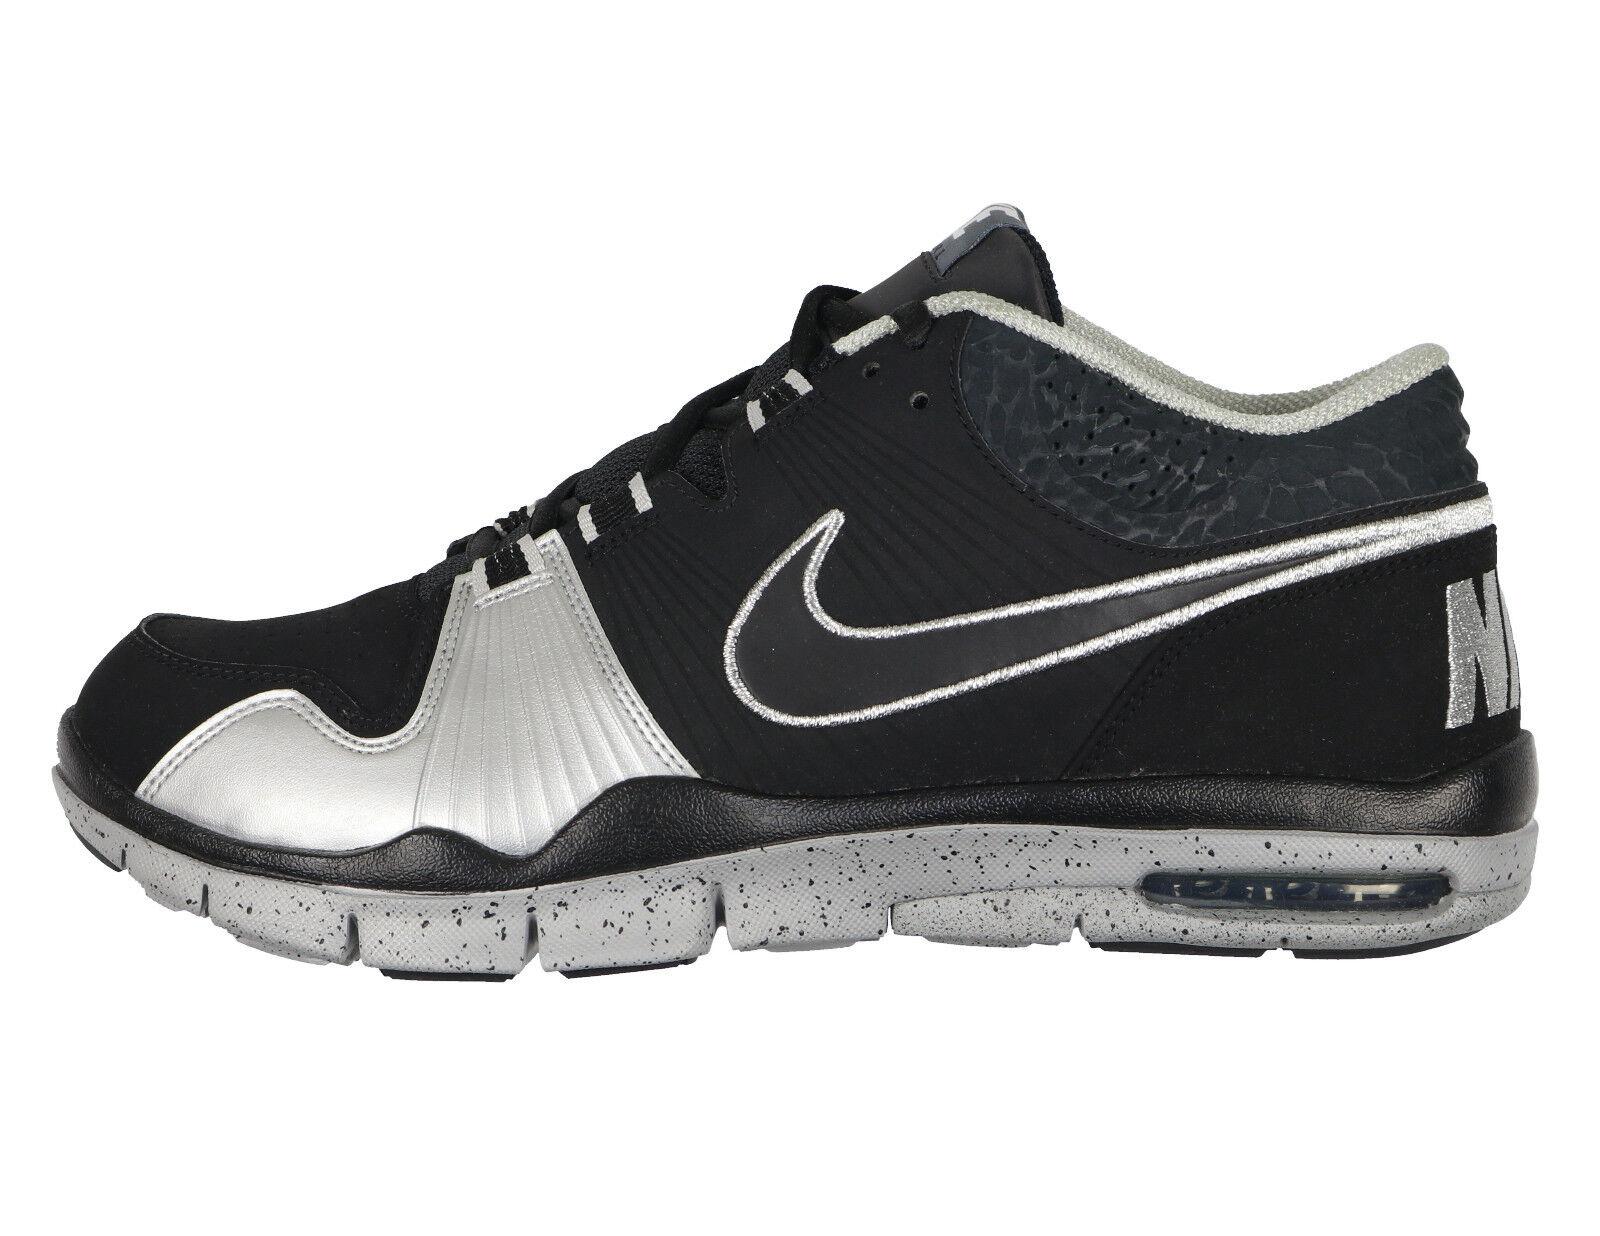 Nike air - 1 sz 9 bo jackson tecmo bo edizione di colore grigio argento premio